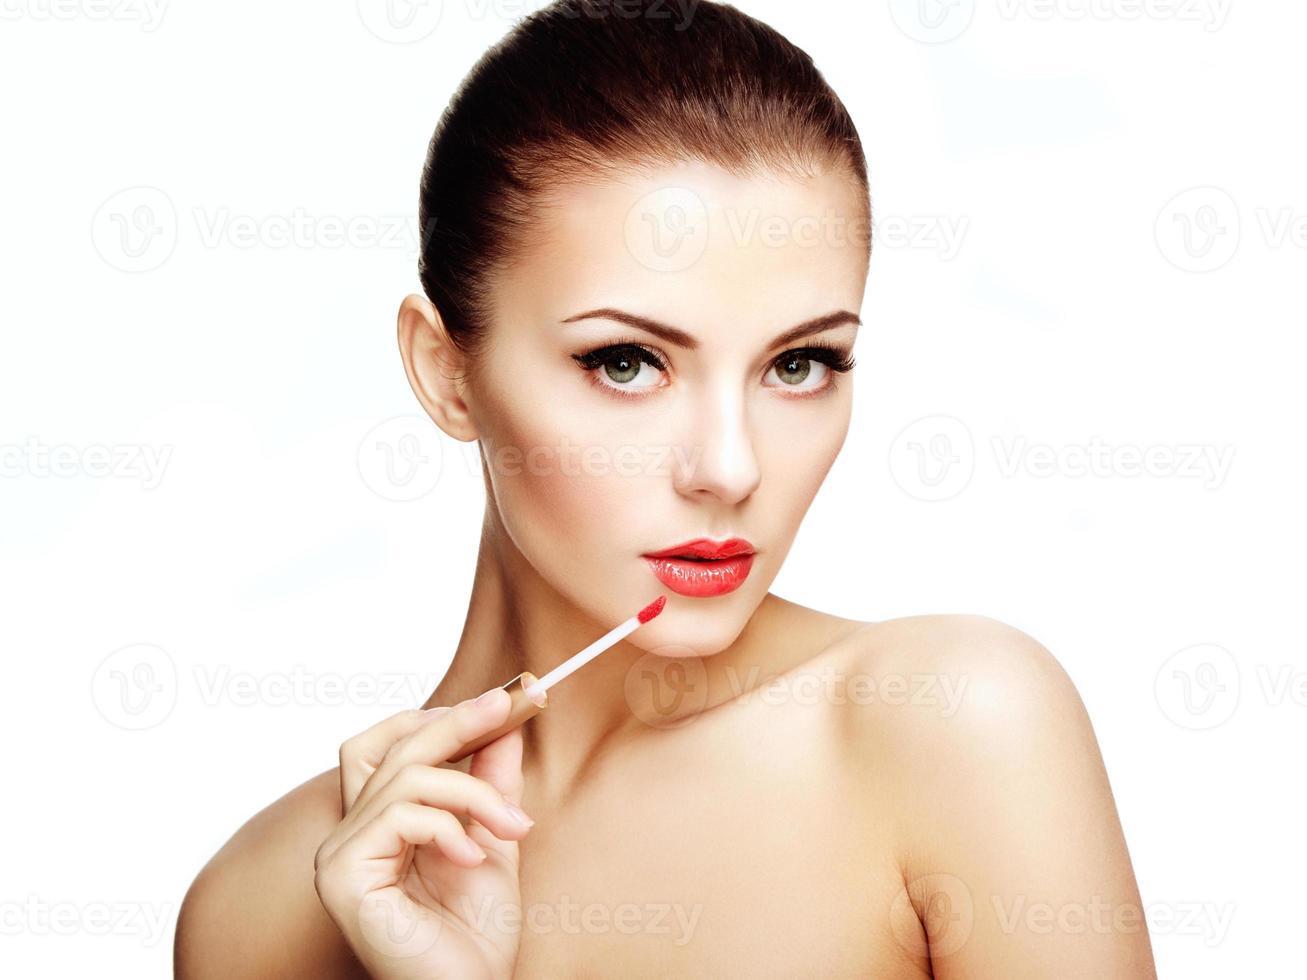 schöne junge Frau malt Lippen mit Lippenstift. perfektes Make-up foto